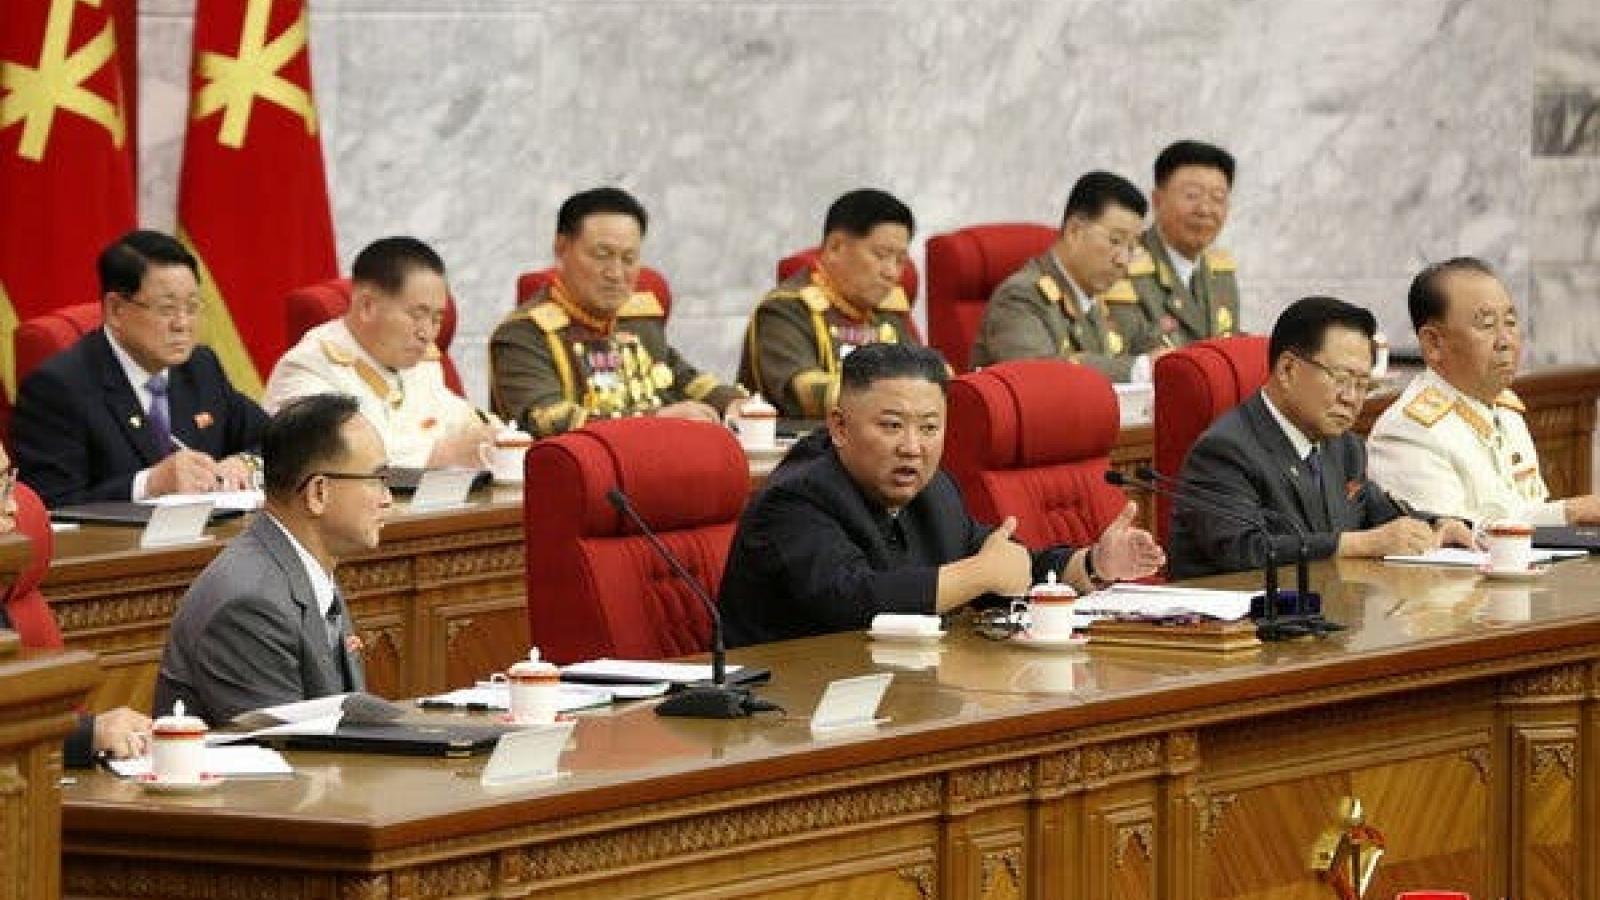 Triều Tiên tuyên bố cần chuẩn bị cả đàm phán lẫn đối đầu với Mỹ